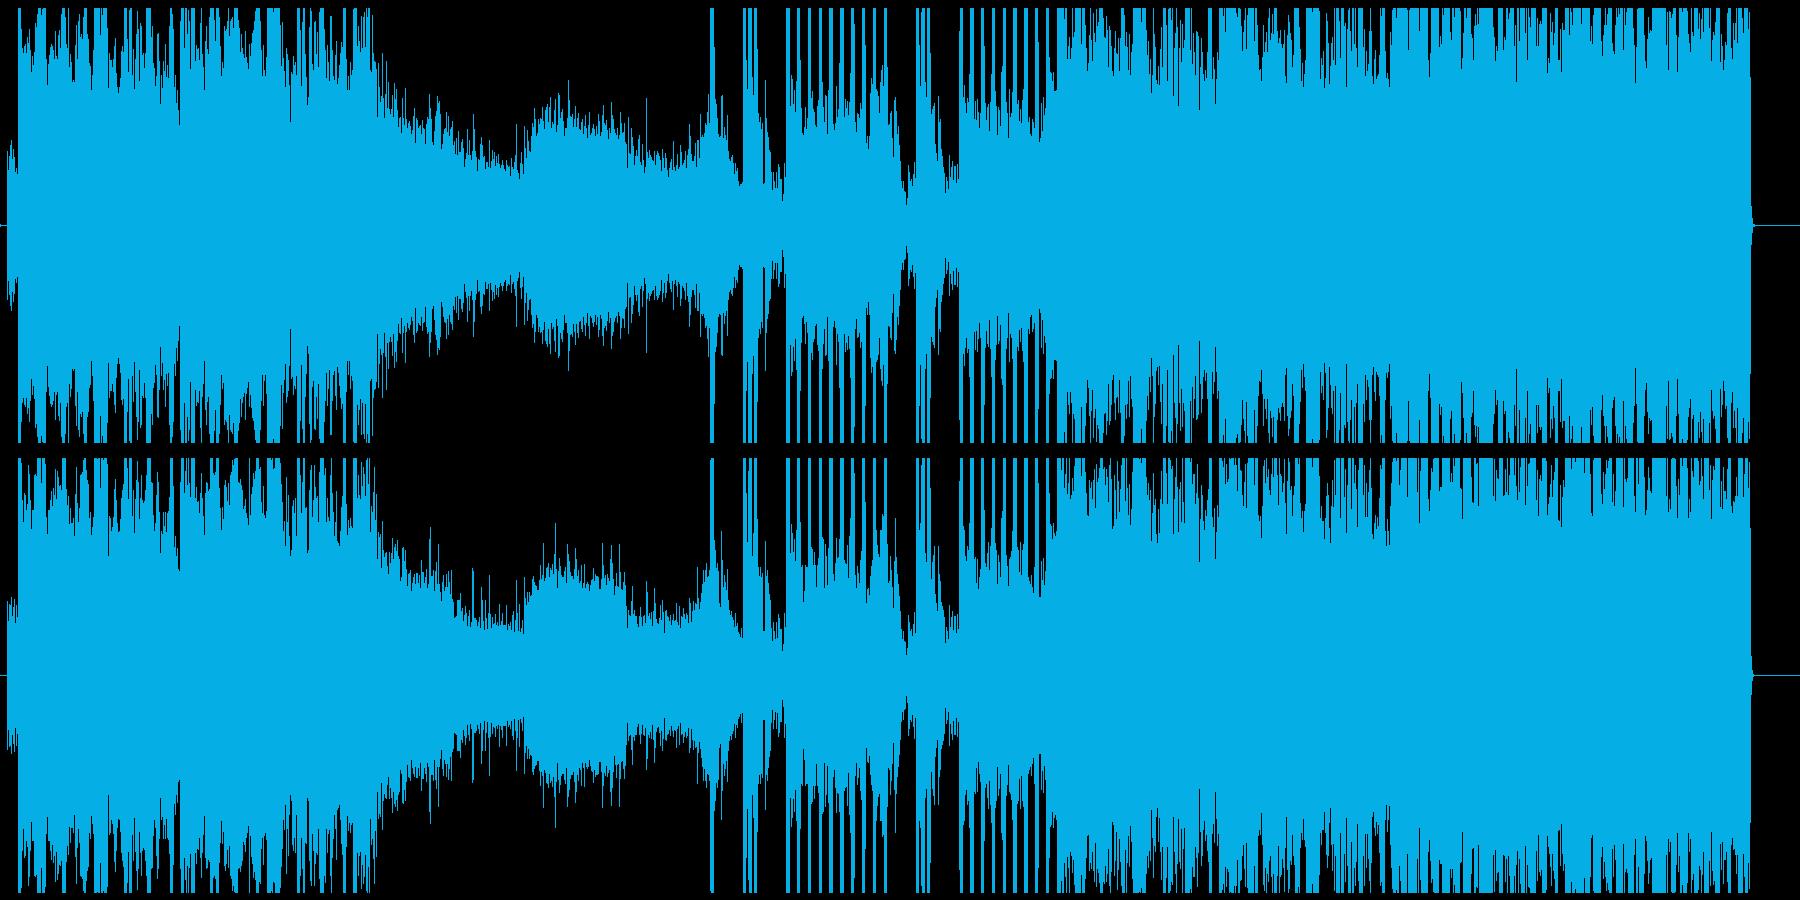 エレクトロ系のインストの再生済みの波形